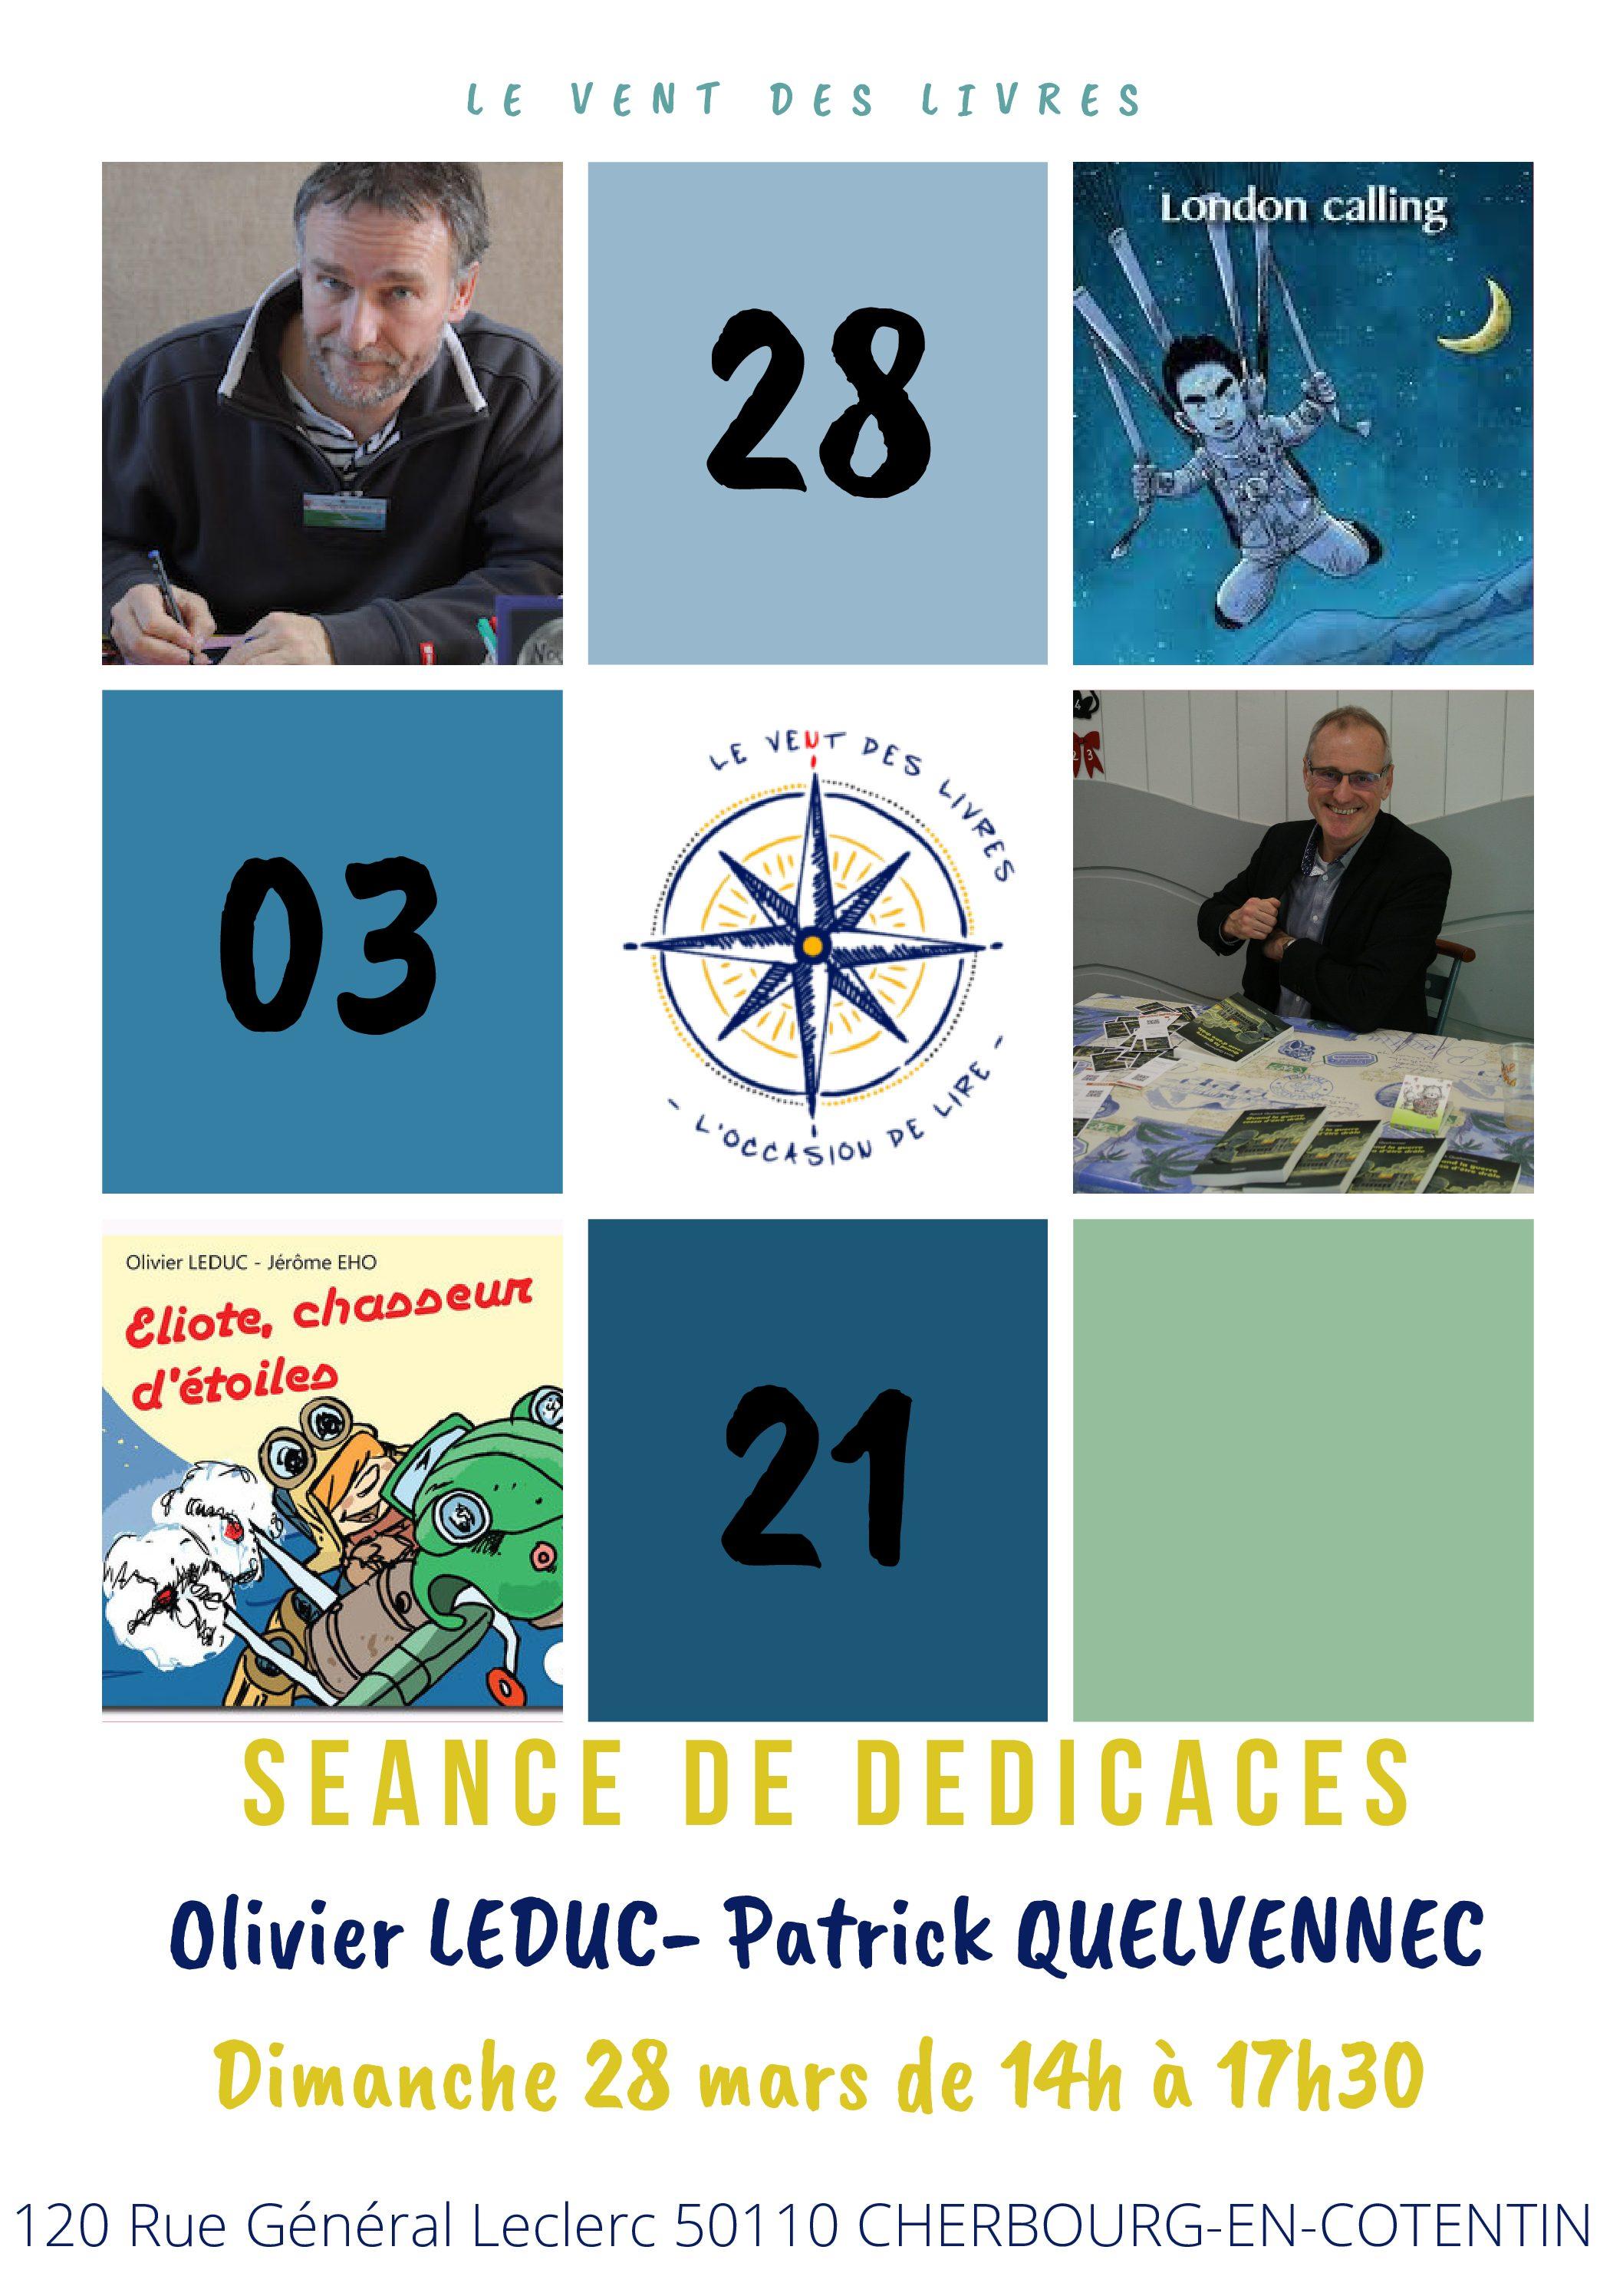 Séance de dédicaces de Olivier Leduc et Patrick Quelvennec le 28/03/2021